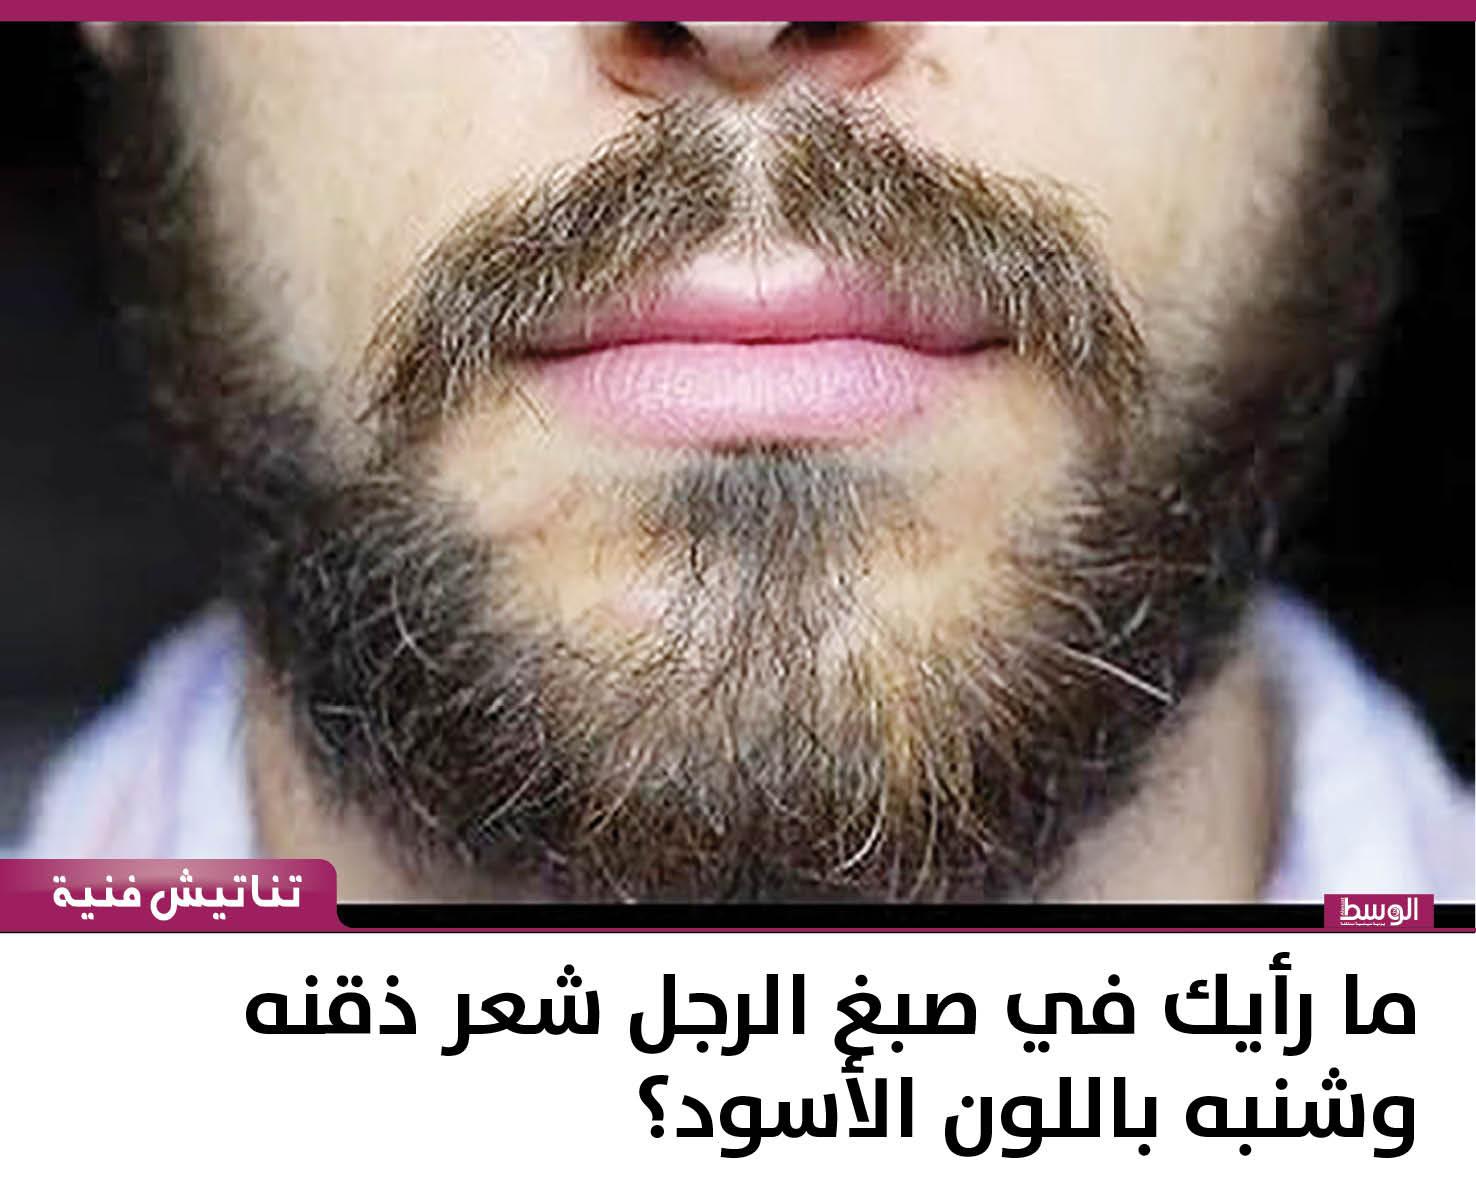 ما رأيك في صبغ الرجل شعر ذقنه وشنبه باللون الأسود منوعات صحيفة الوسط البحرينية مملكة البحرين